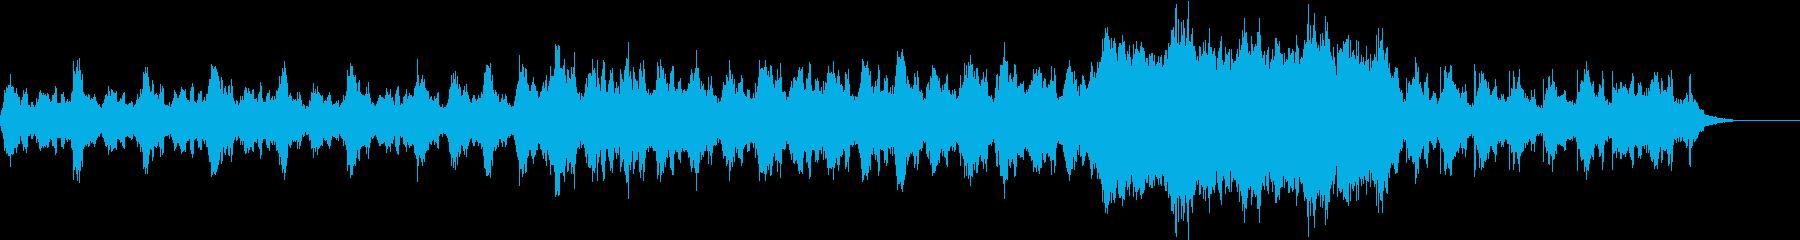 神秘的/ヒーリング/漂う/波の再生済みの波形